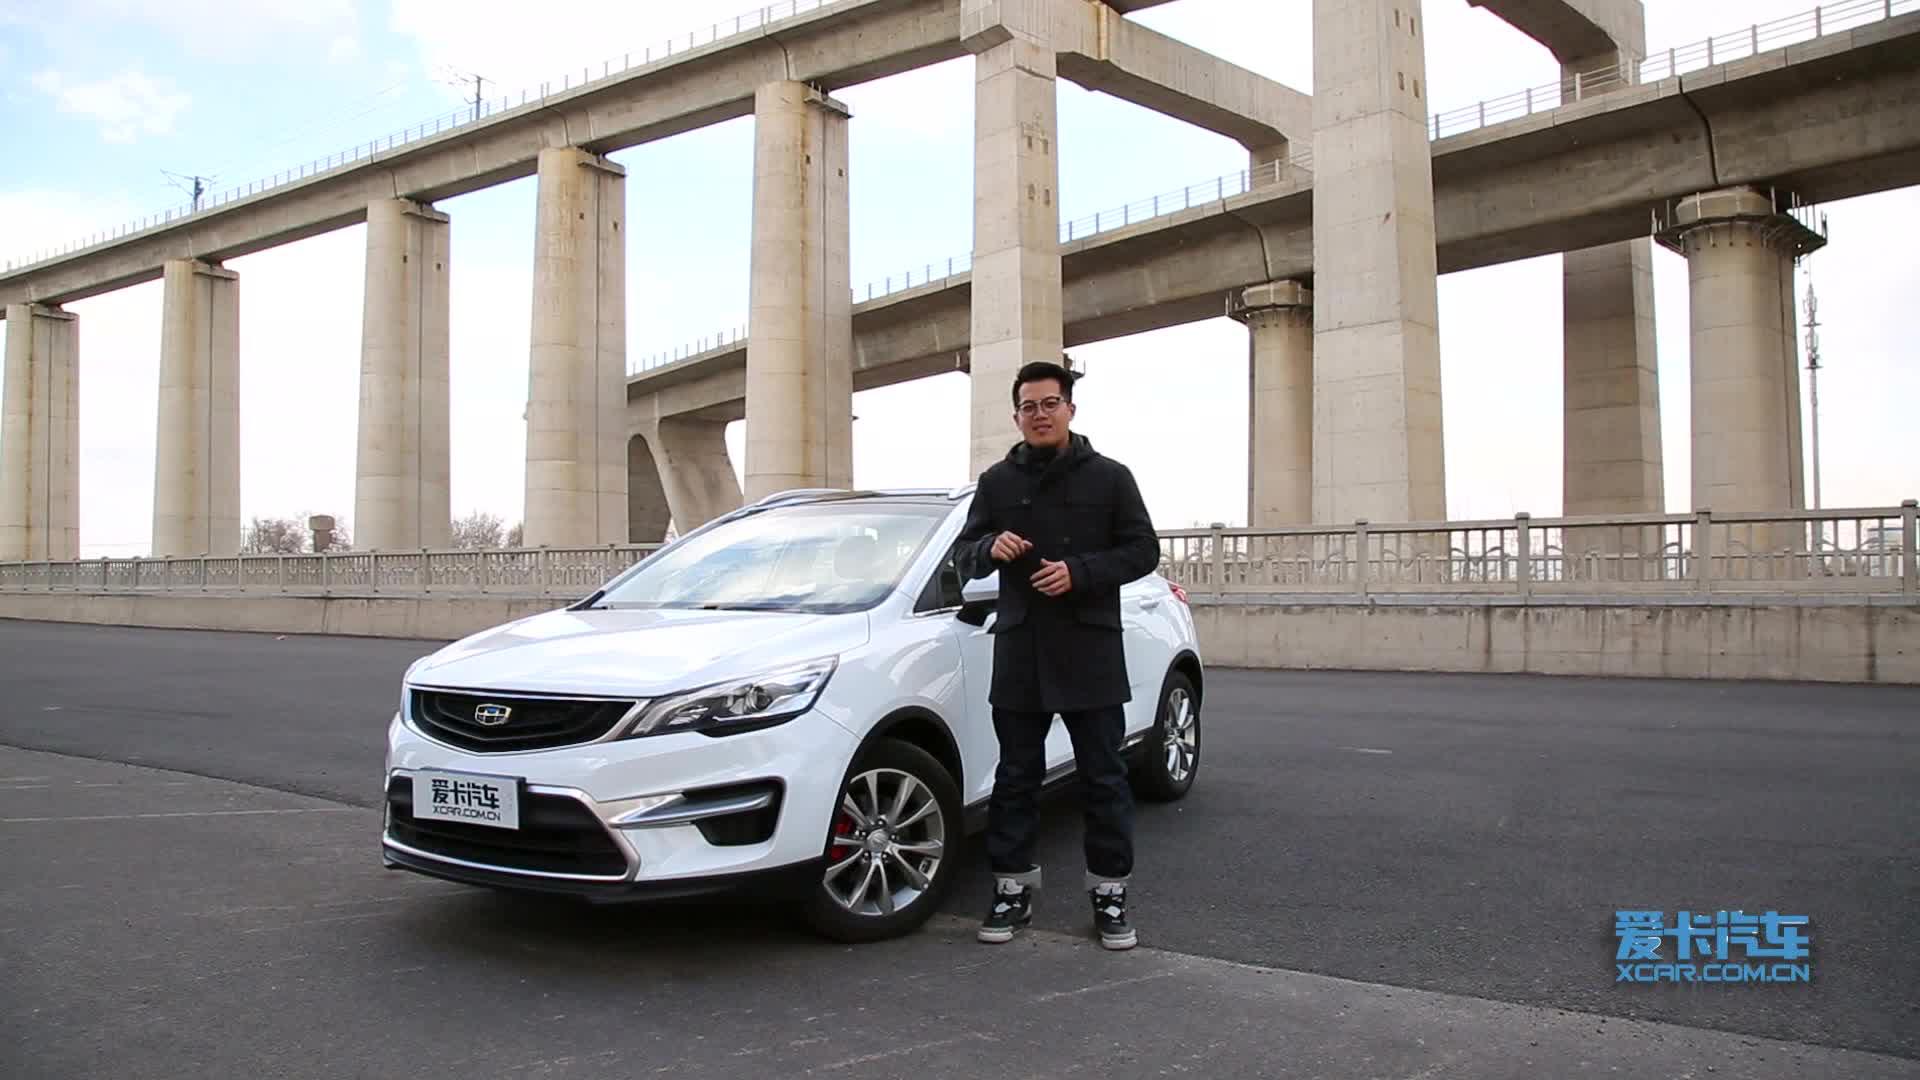 爱卡试车 吉利家族小颜王跨界SUV帝豪GS